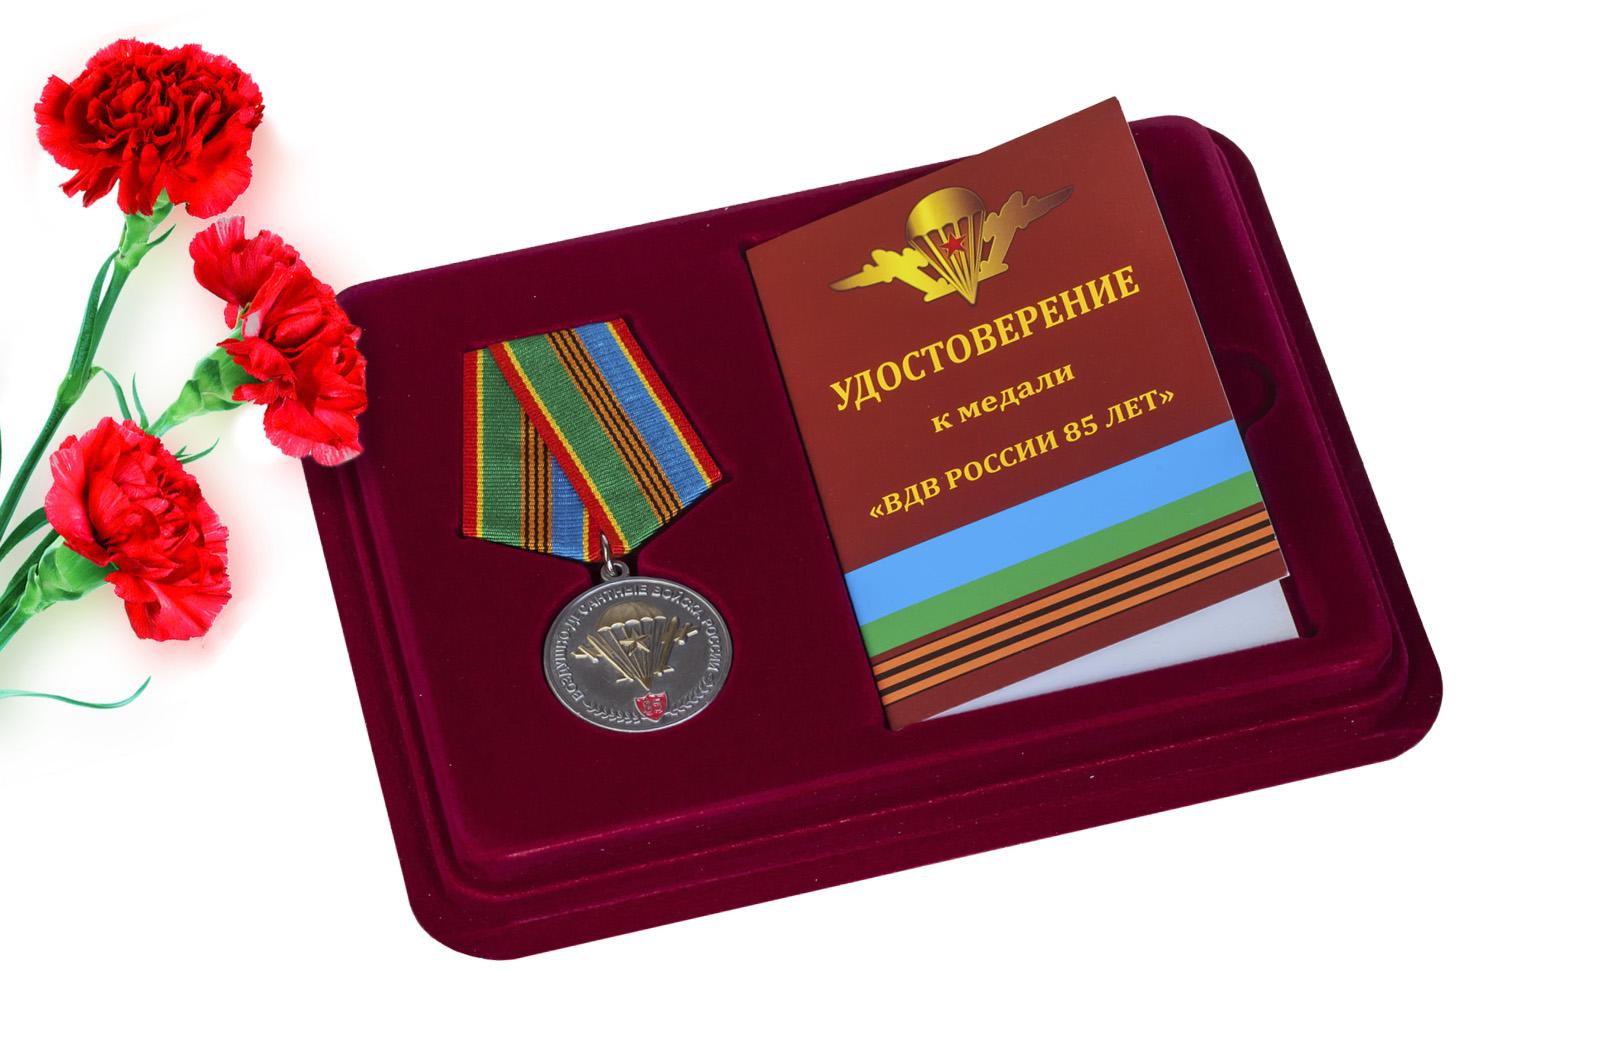 Купить памятную медаль Воздушно-десантные войска России по низкой цене